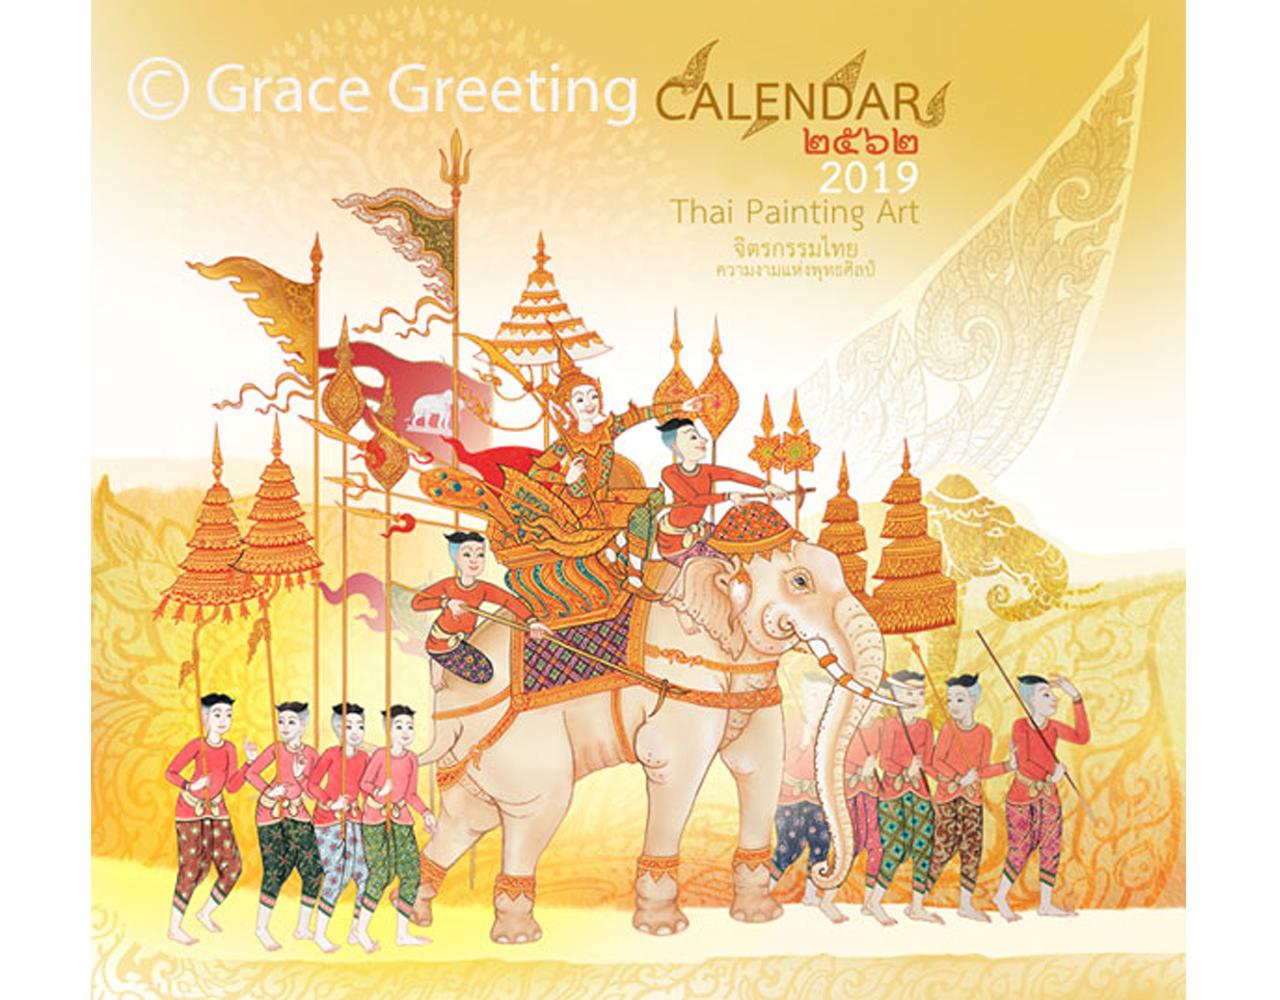 ปฏิทินตั้งโต๊ะ ปี 2562 CT.6201 Thai Painting Art จิตกรรมไทยความงามแห่งพุทธศิลป์